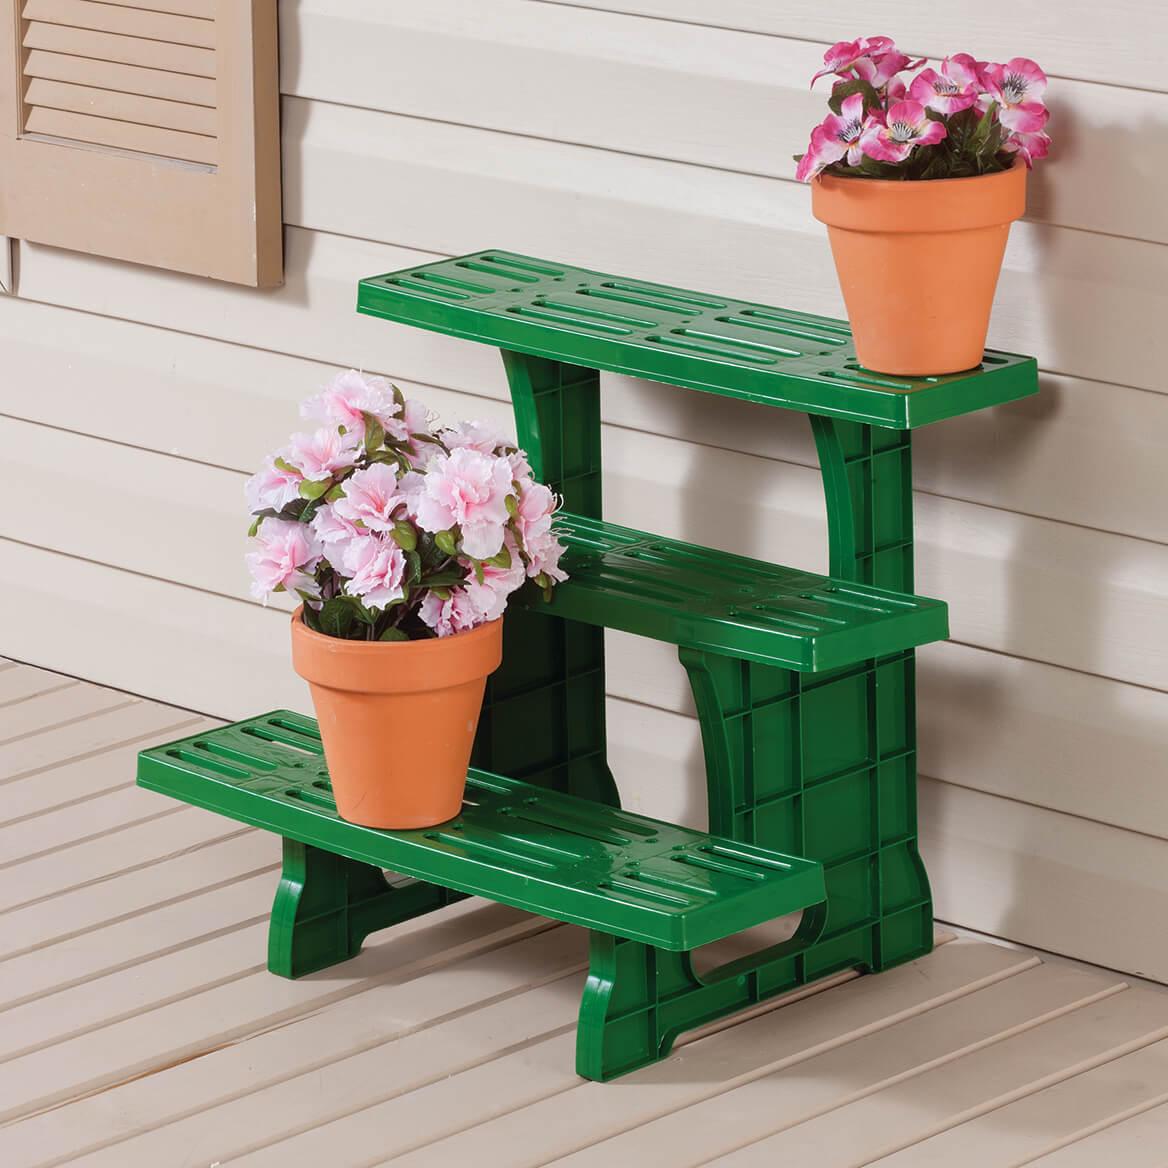 Three-Tier Garden Stand-361803